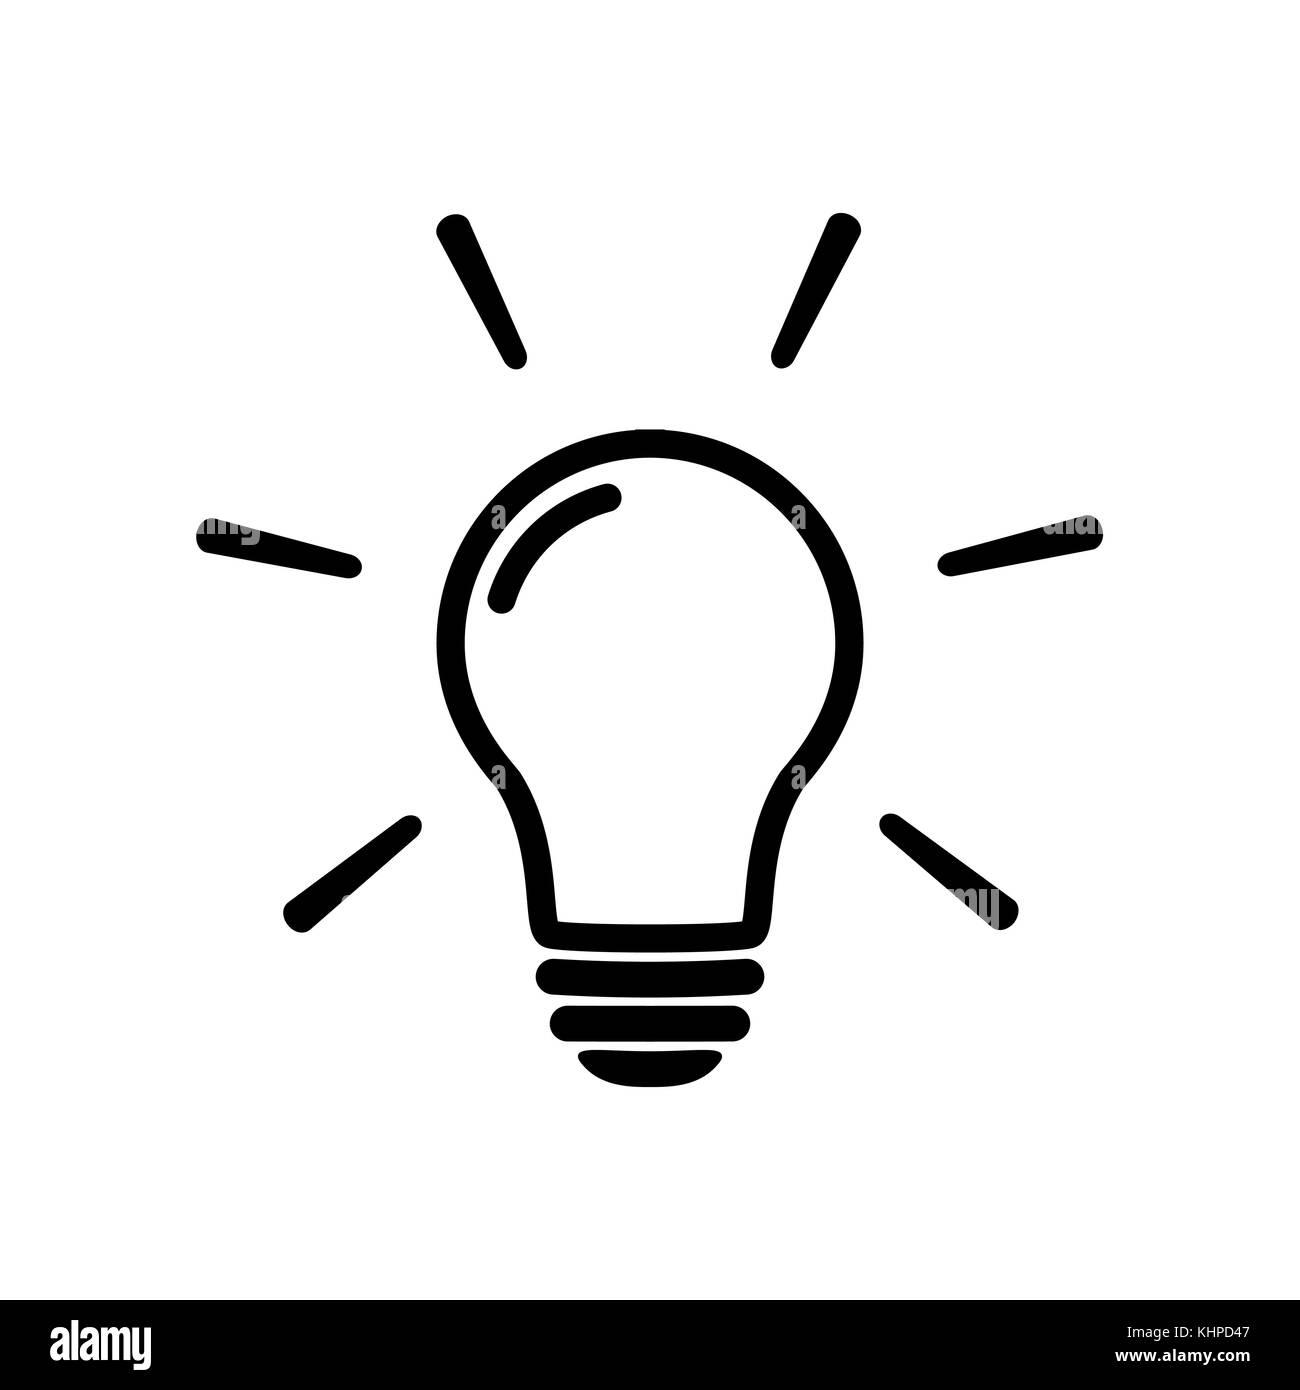 Glühlampe Symbol Isoliert Auf Weiss. Linie Vektor Icon. Glühbirne Anmelden  Flat Style. Beleuchtung Lampe In Schwarz. Glühbirne Als Zeichen Lösung,  Idee, ...